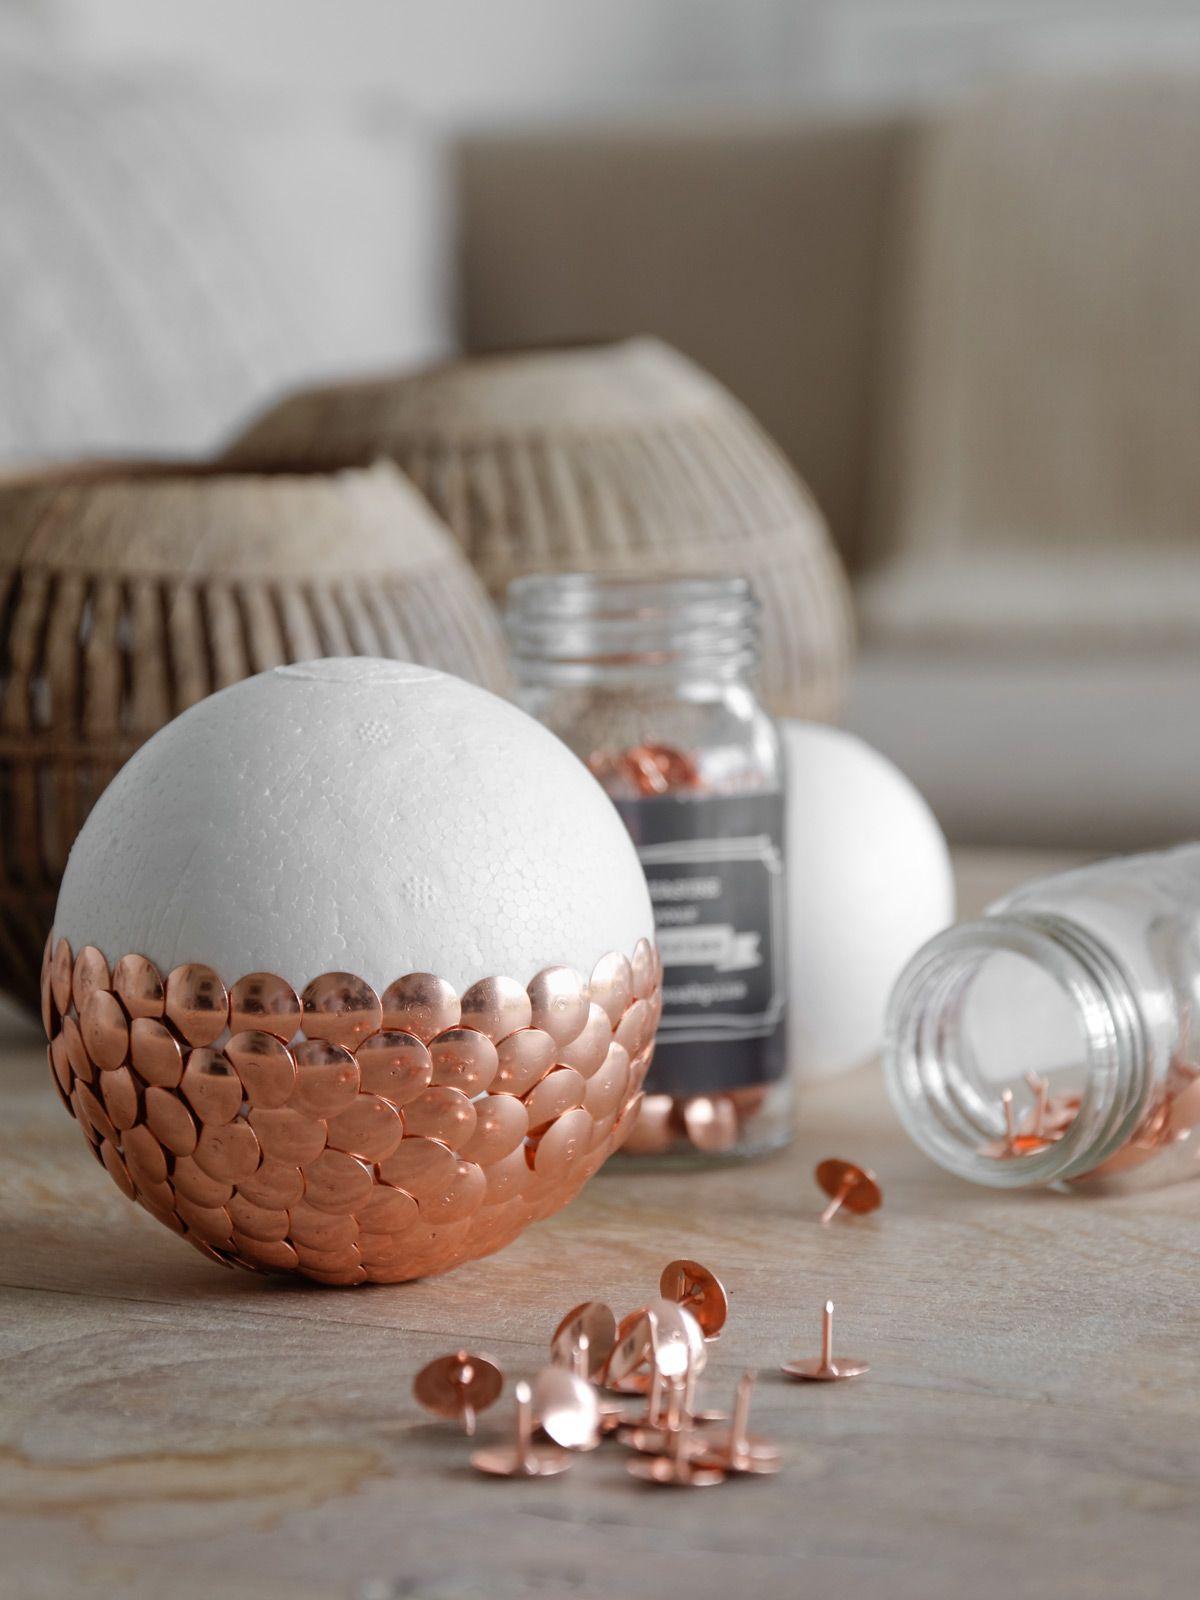 Dekoration wohnung selber machen weihnachten  mxliving | Blog | DIY | Wohnen – viele Ideen zum Selbermachen ...